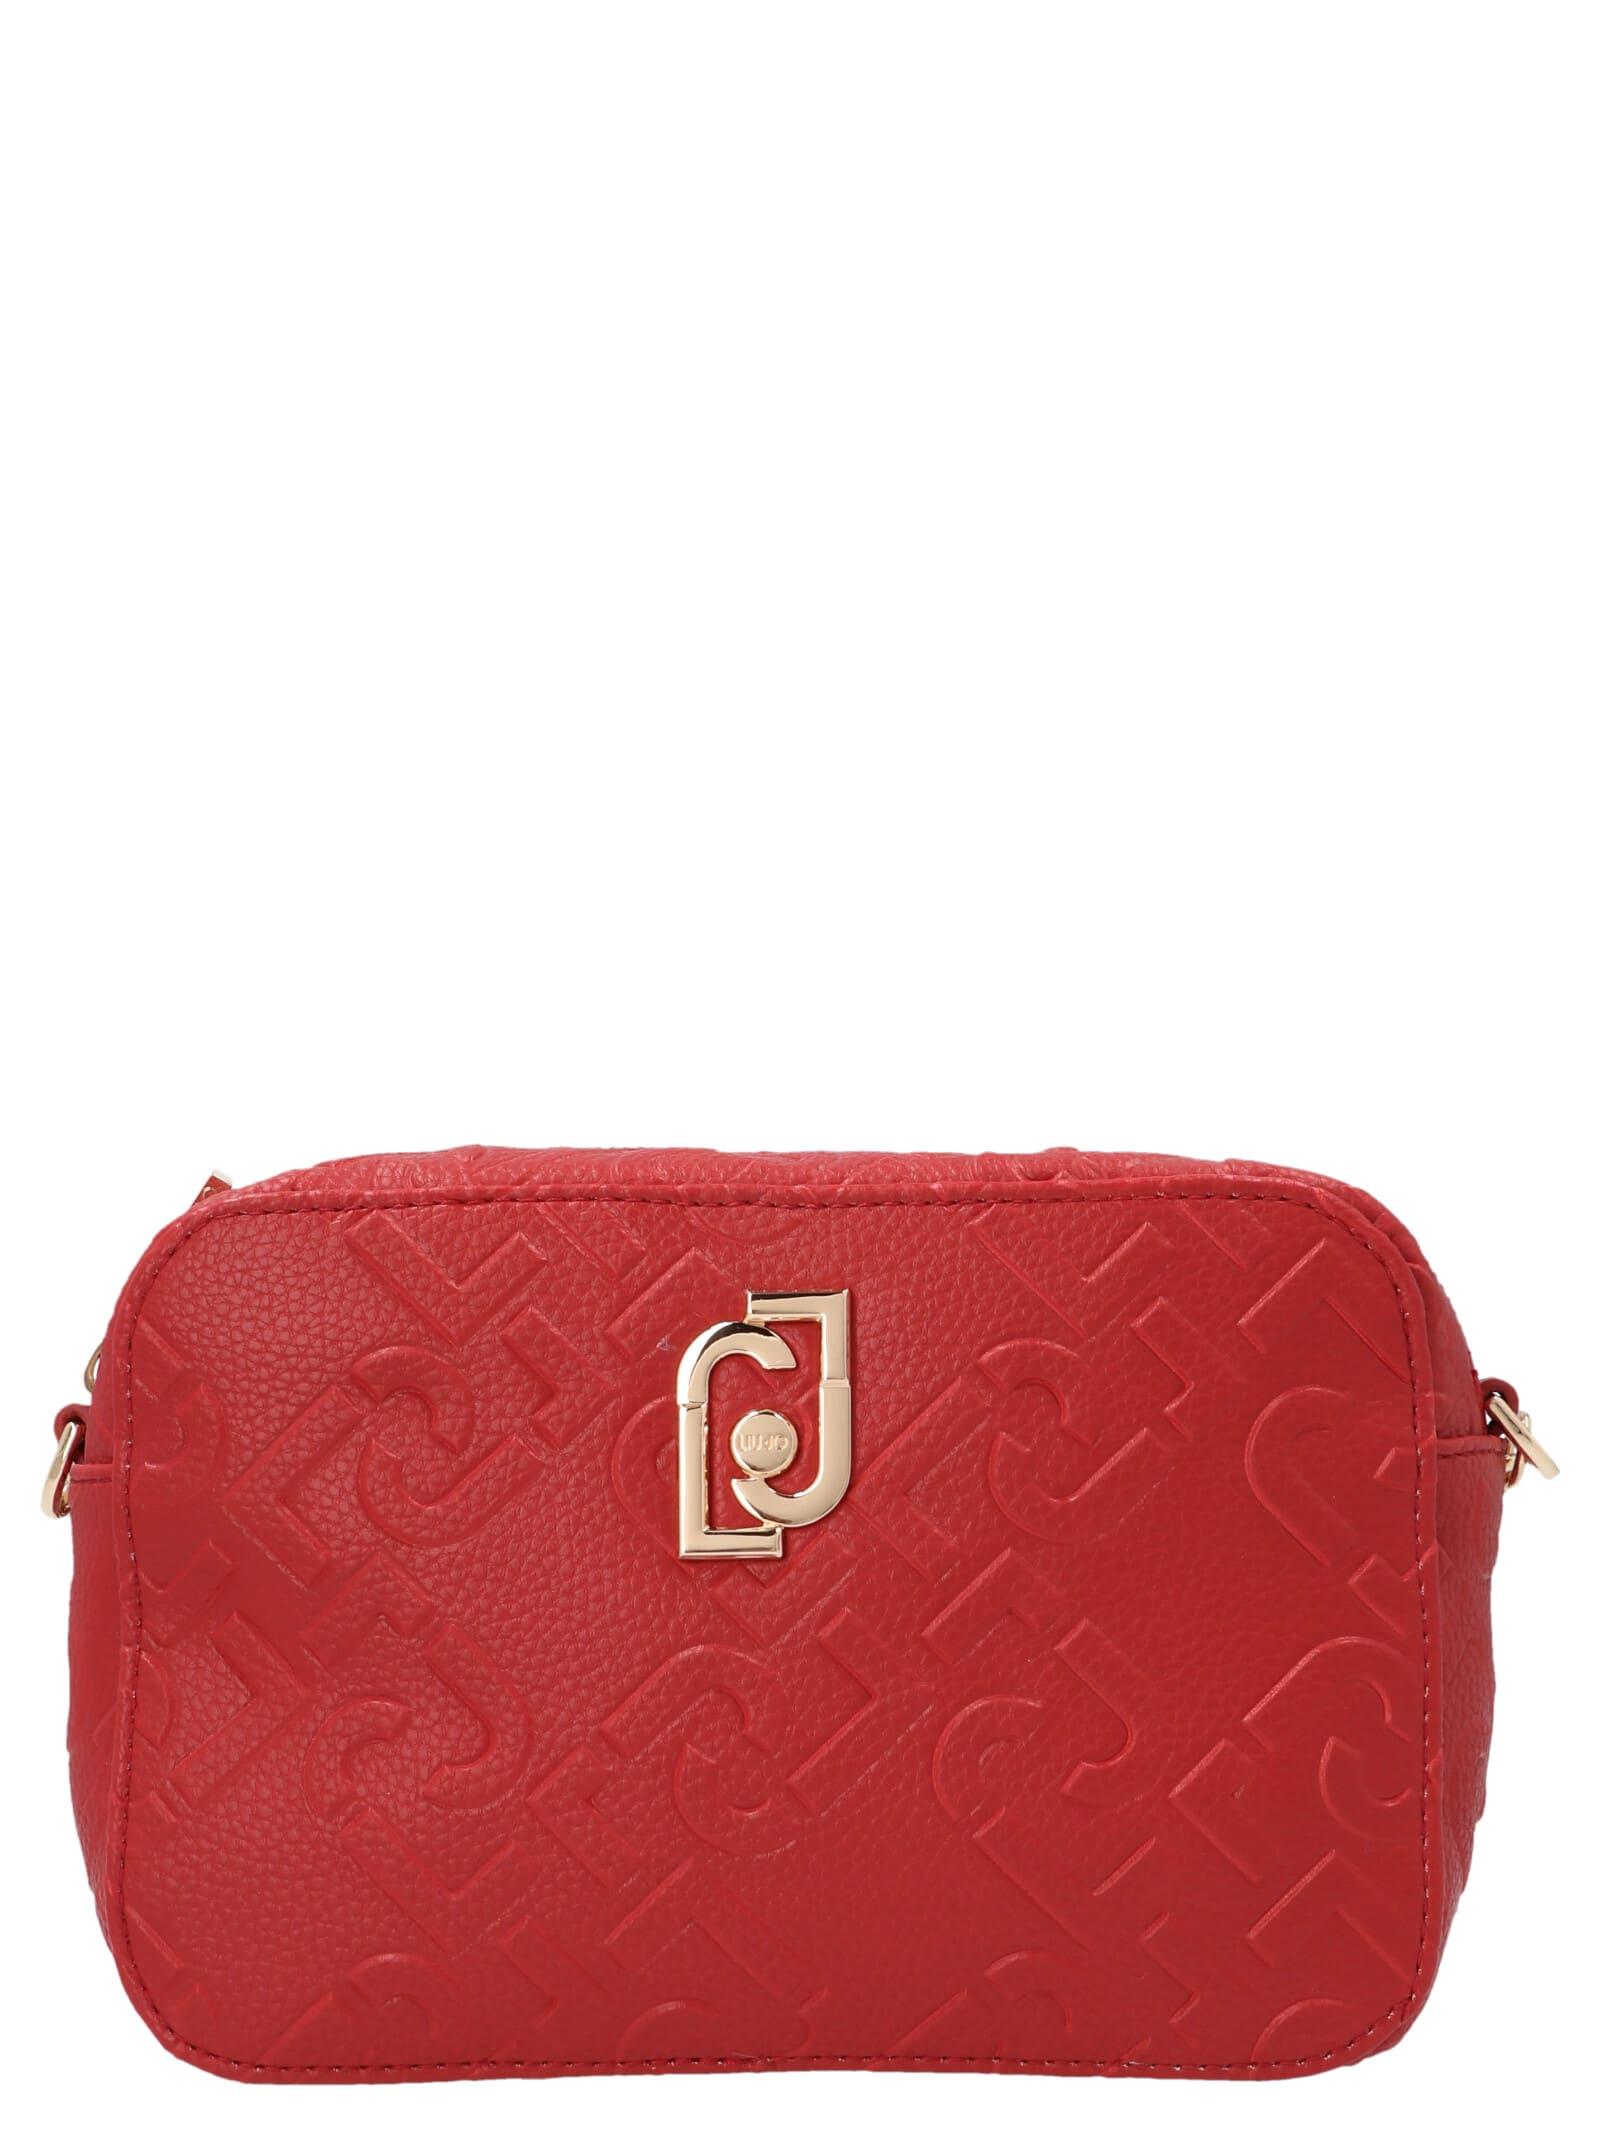 Liu •jo Crossbody bags LIU-JO S CROSSBODY BAG